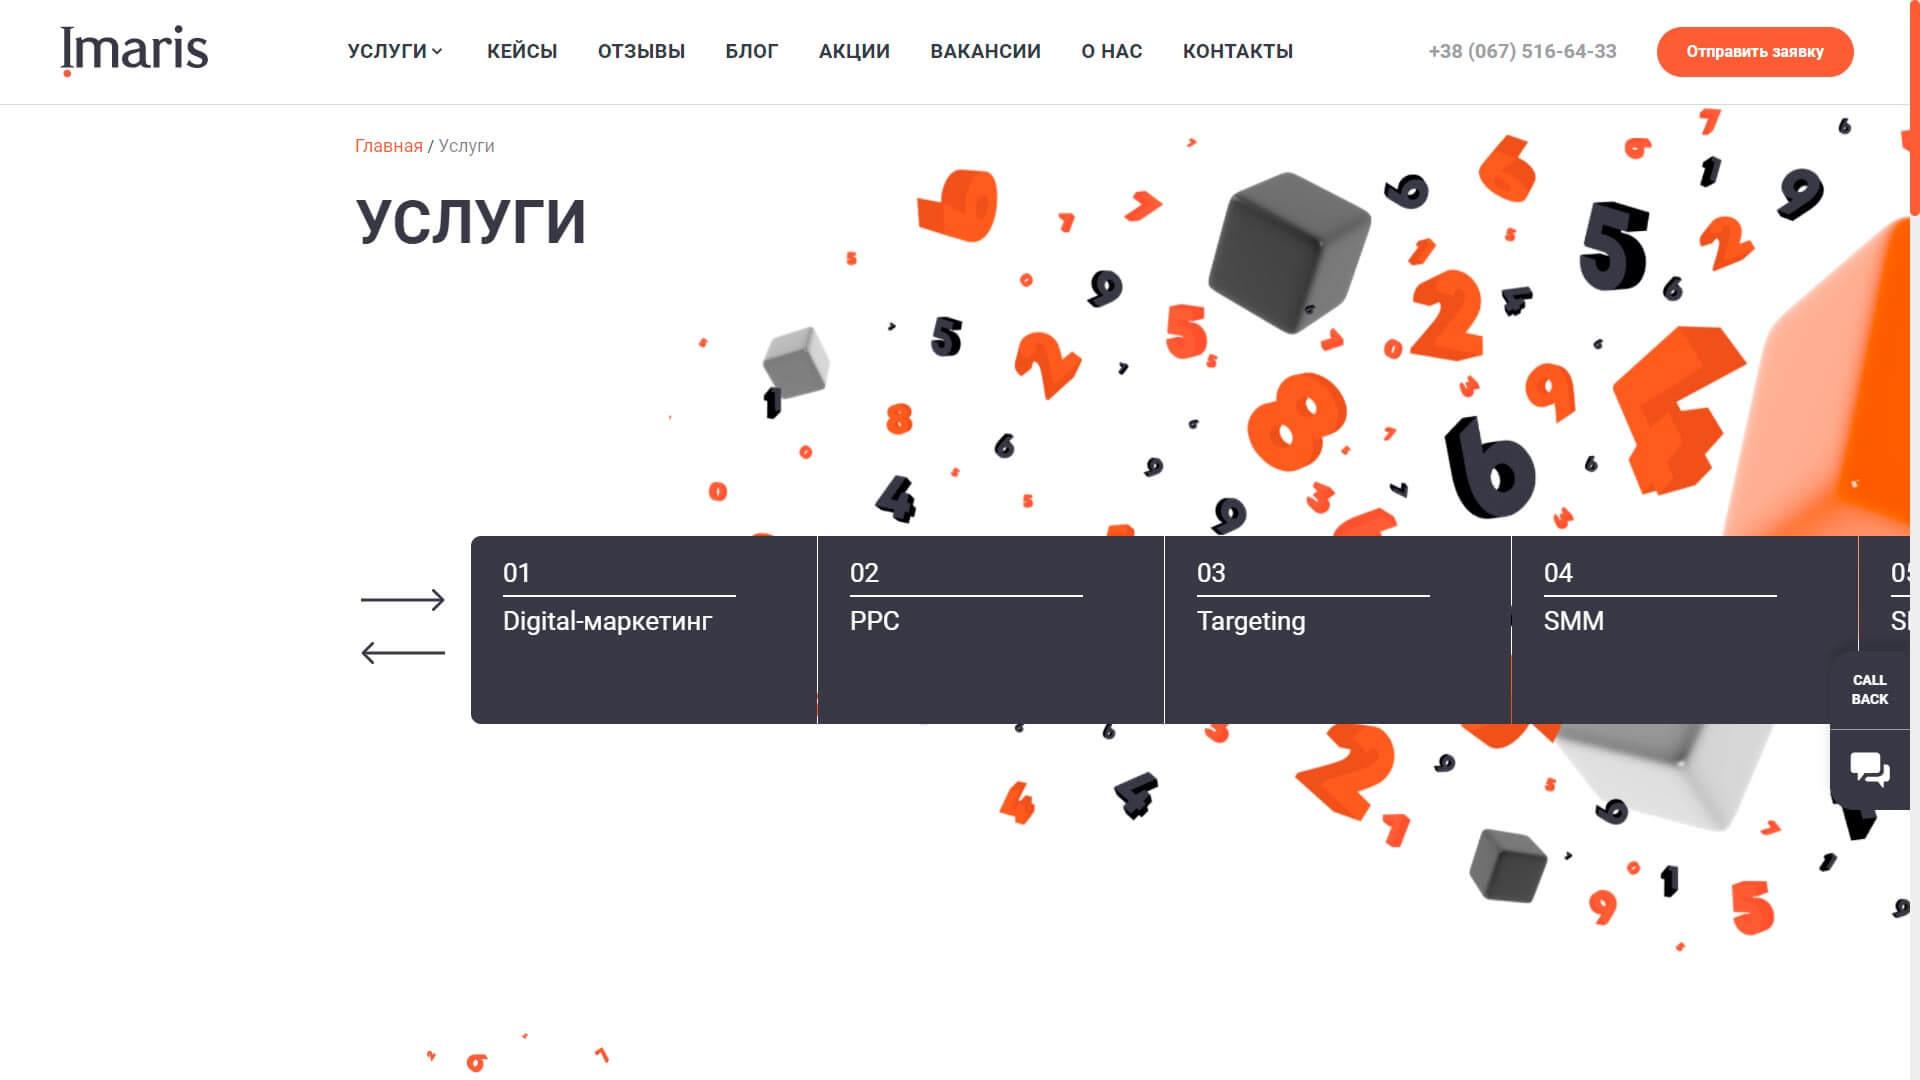 Imaris - обзор компании, услуги, отзывы, клиенты   Google SEO, Фото № 2 - google-seo.pro